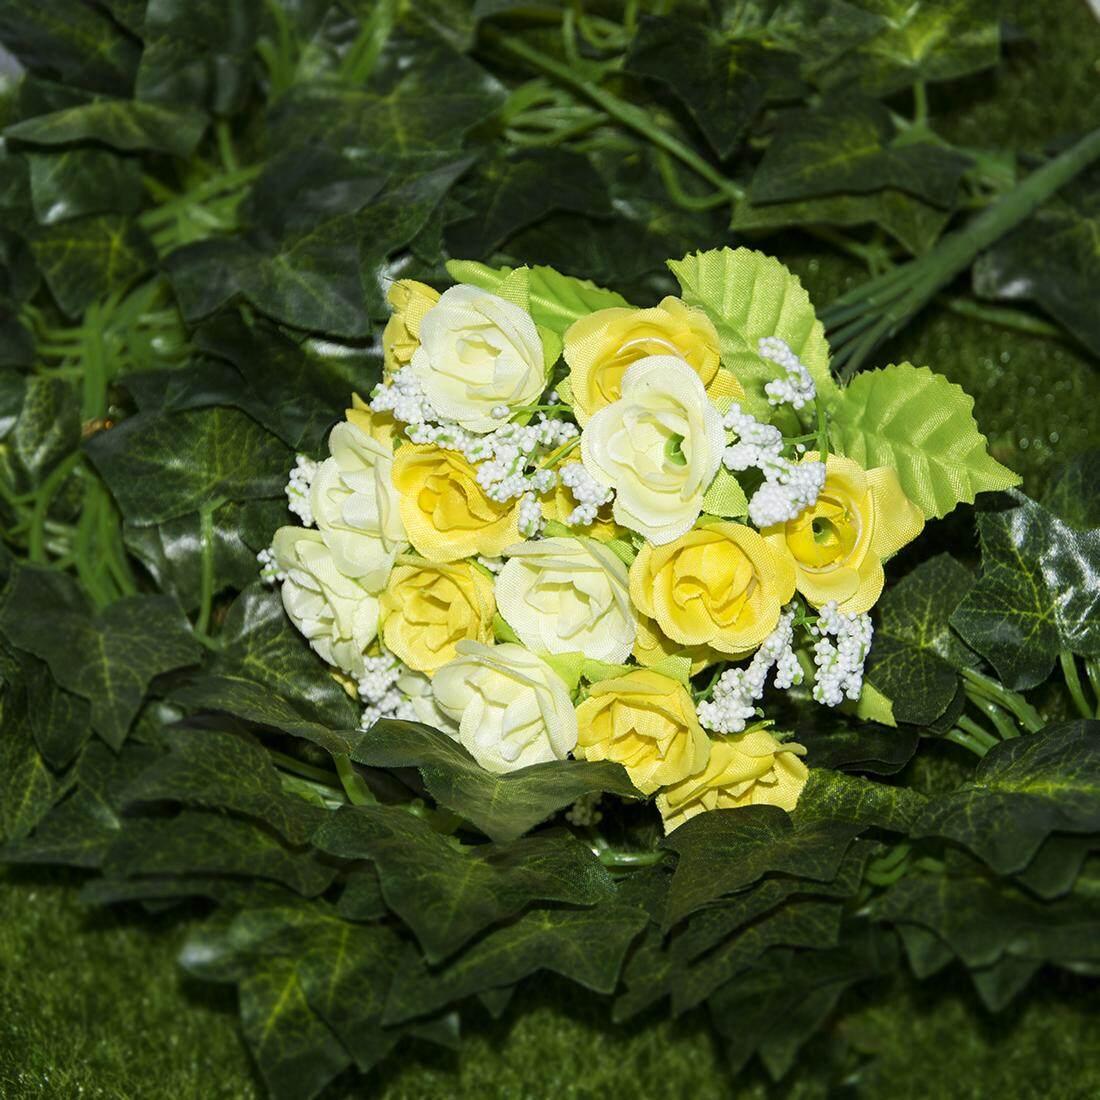 Buatan Mawar Fowers 21 Pcs Sutra Pernikahan Taman Dekorasi Rumah Bunga Pengaturan Dekorasi-Internasional .